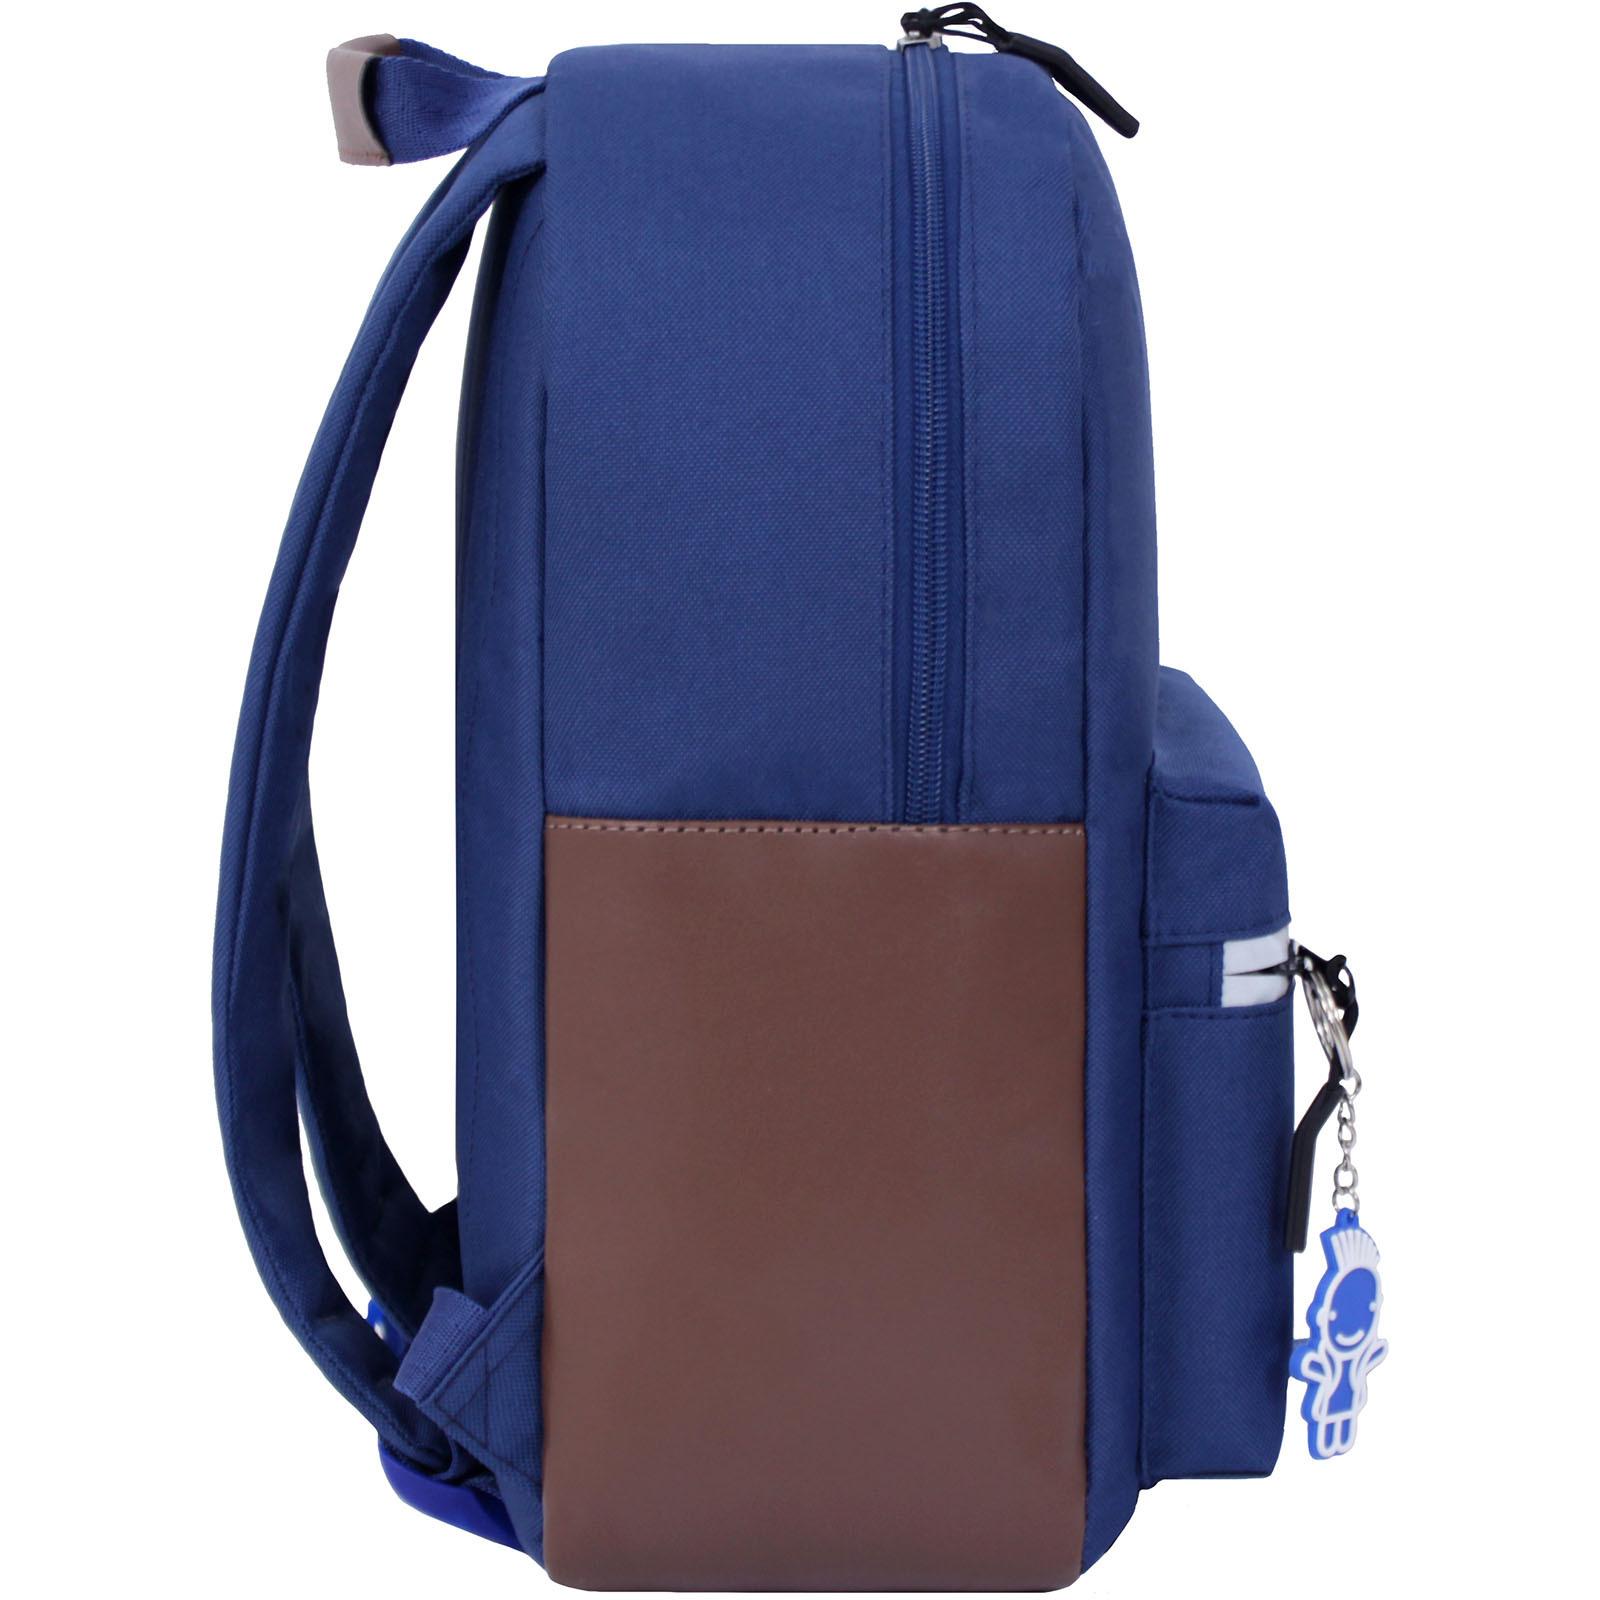 Рюкзак Bagland Frost 13 л. синий (00540663) фото 2